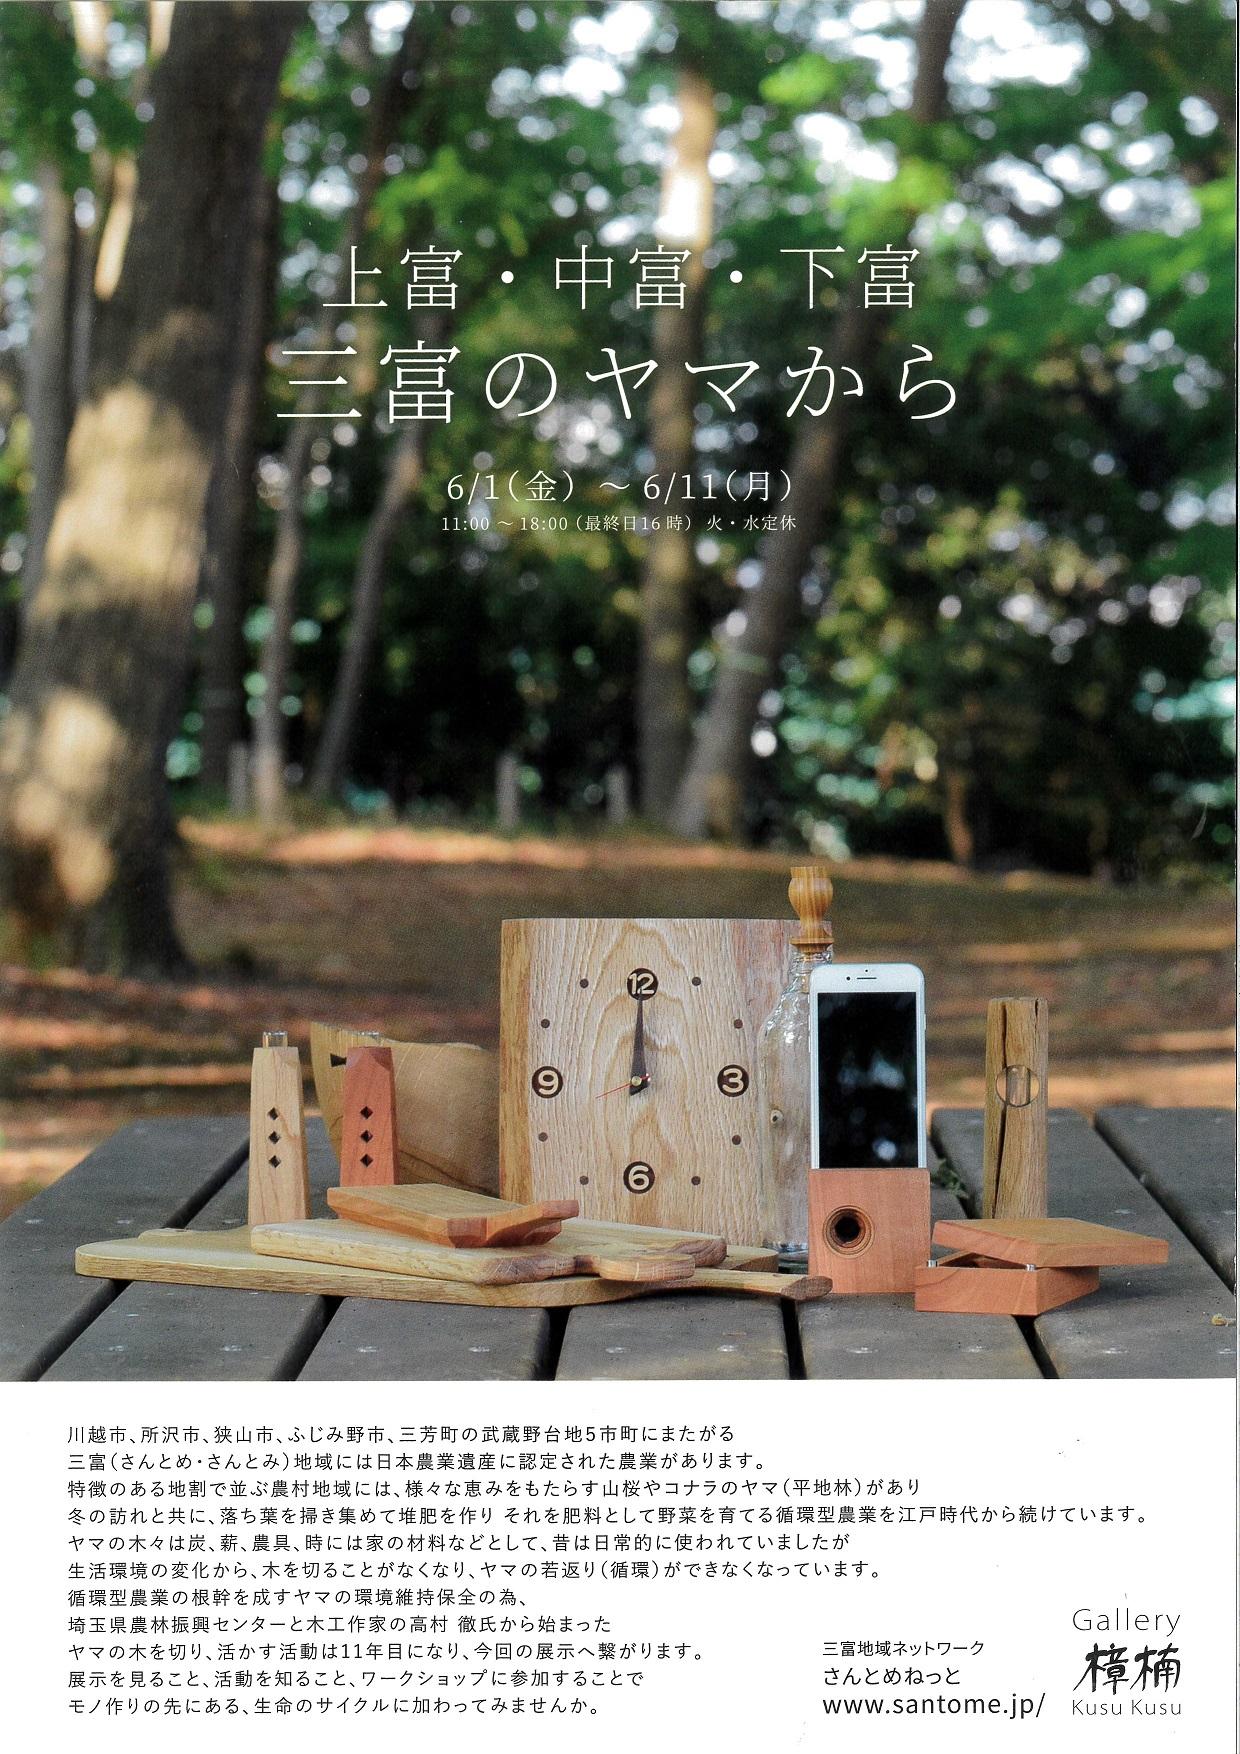 6/1(金)~11(月) 【三富のヤマから】  展示会 & ワークショップ